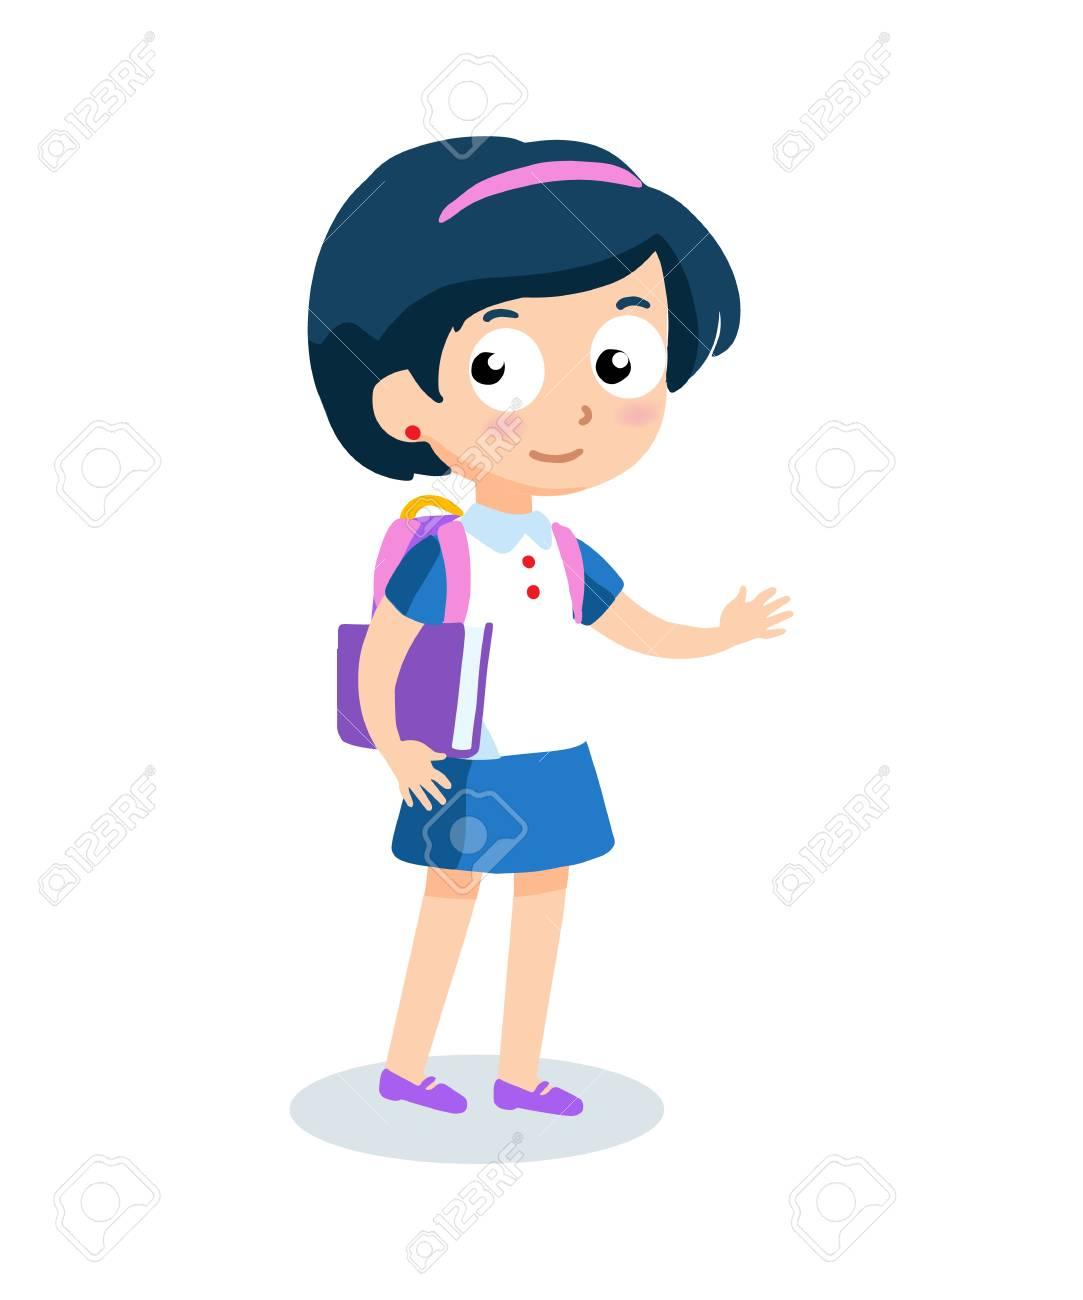 schoolmood #schulranzen #school #schultaschen #schultasche #schulrucksack  #rucksack #grundschule #kindergarten #kinder #sc… | Schulranzen,  Schultasche, Grundschule